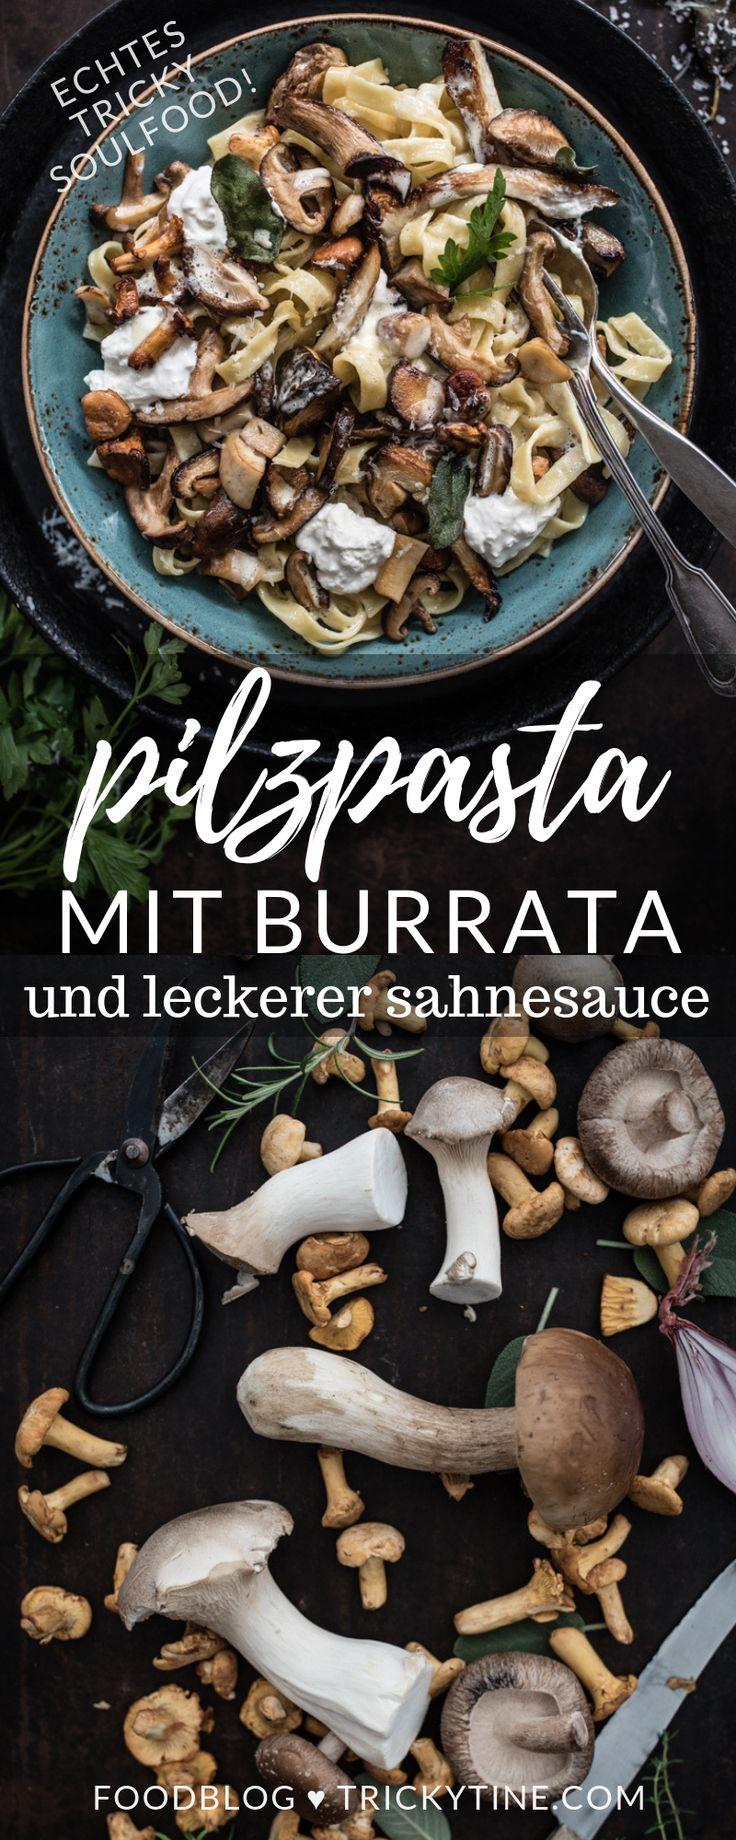 rezept für köstliche pilzpasta mit burrata ♥ herbstliches soulfood by trickytine